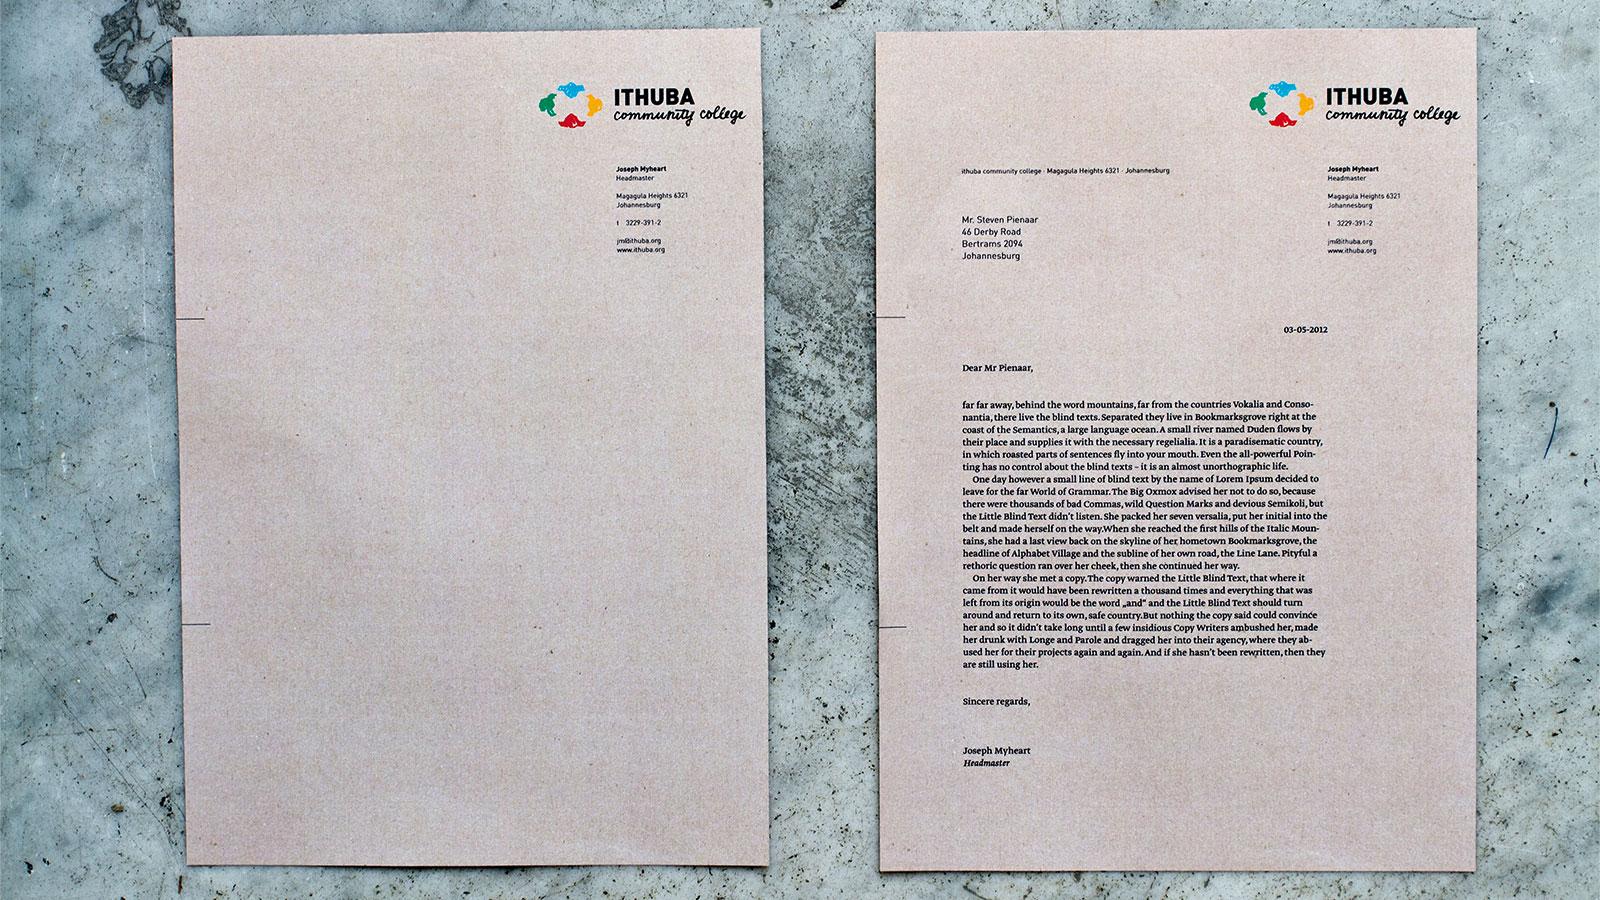 ithuba-1600x900-2